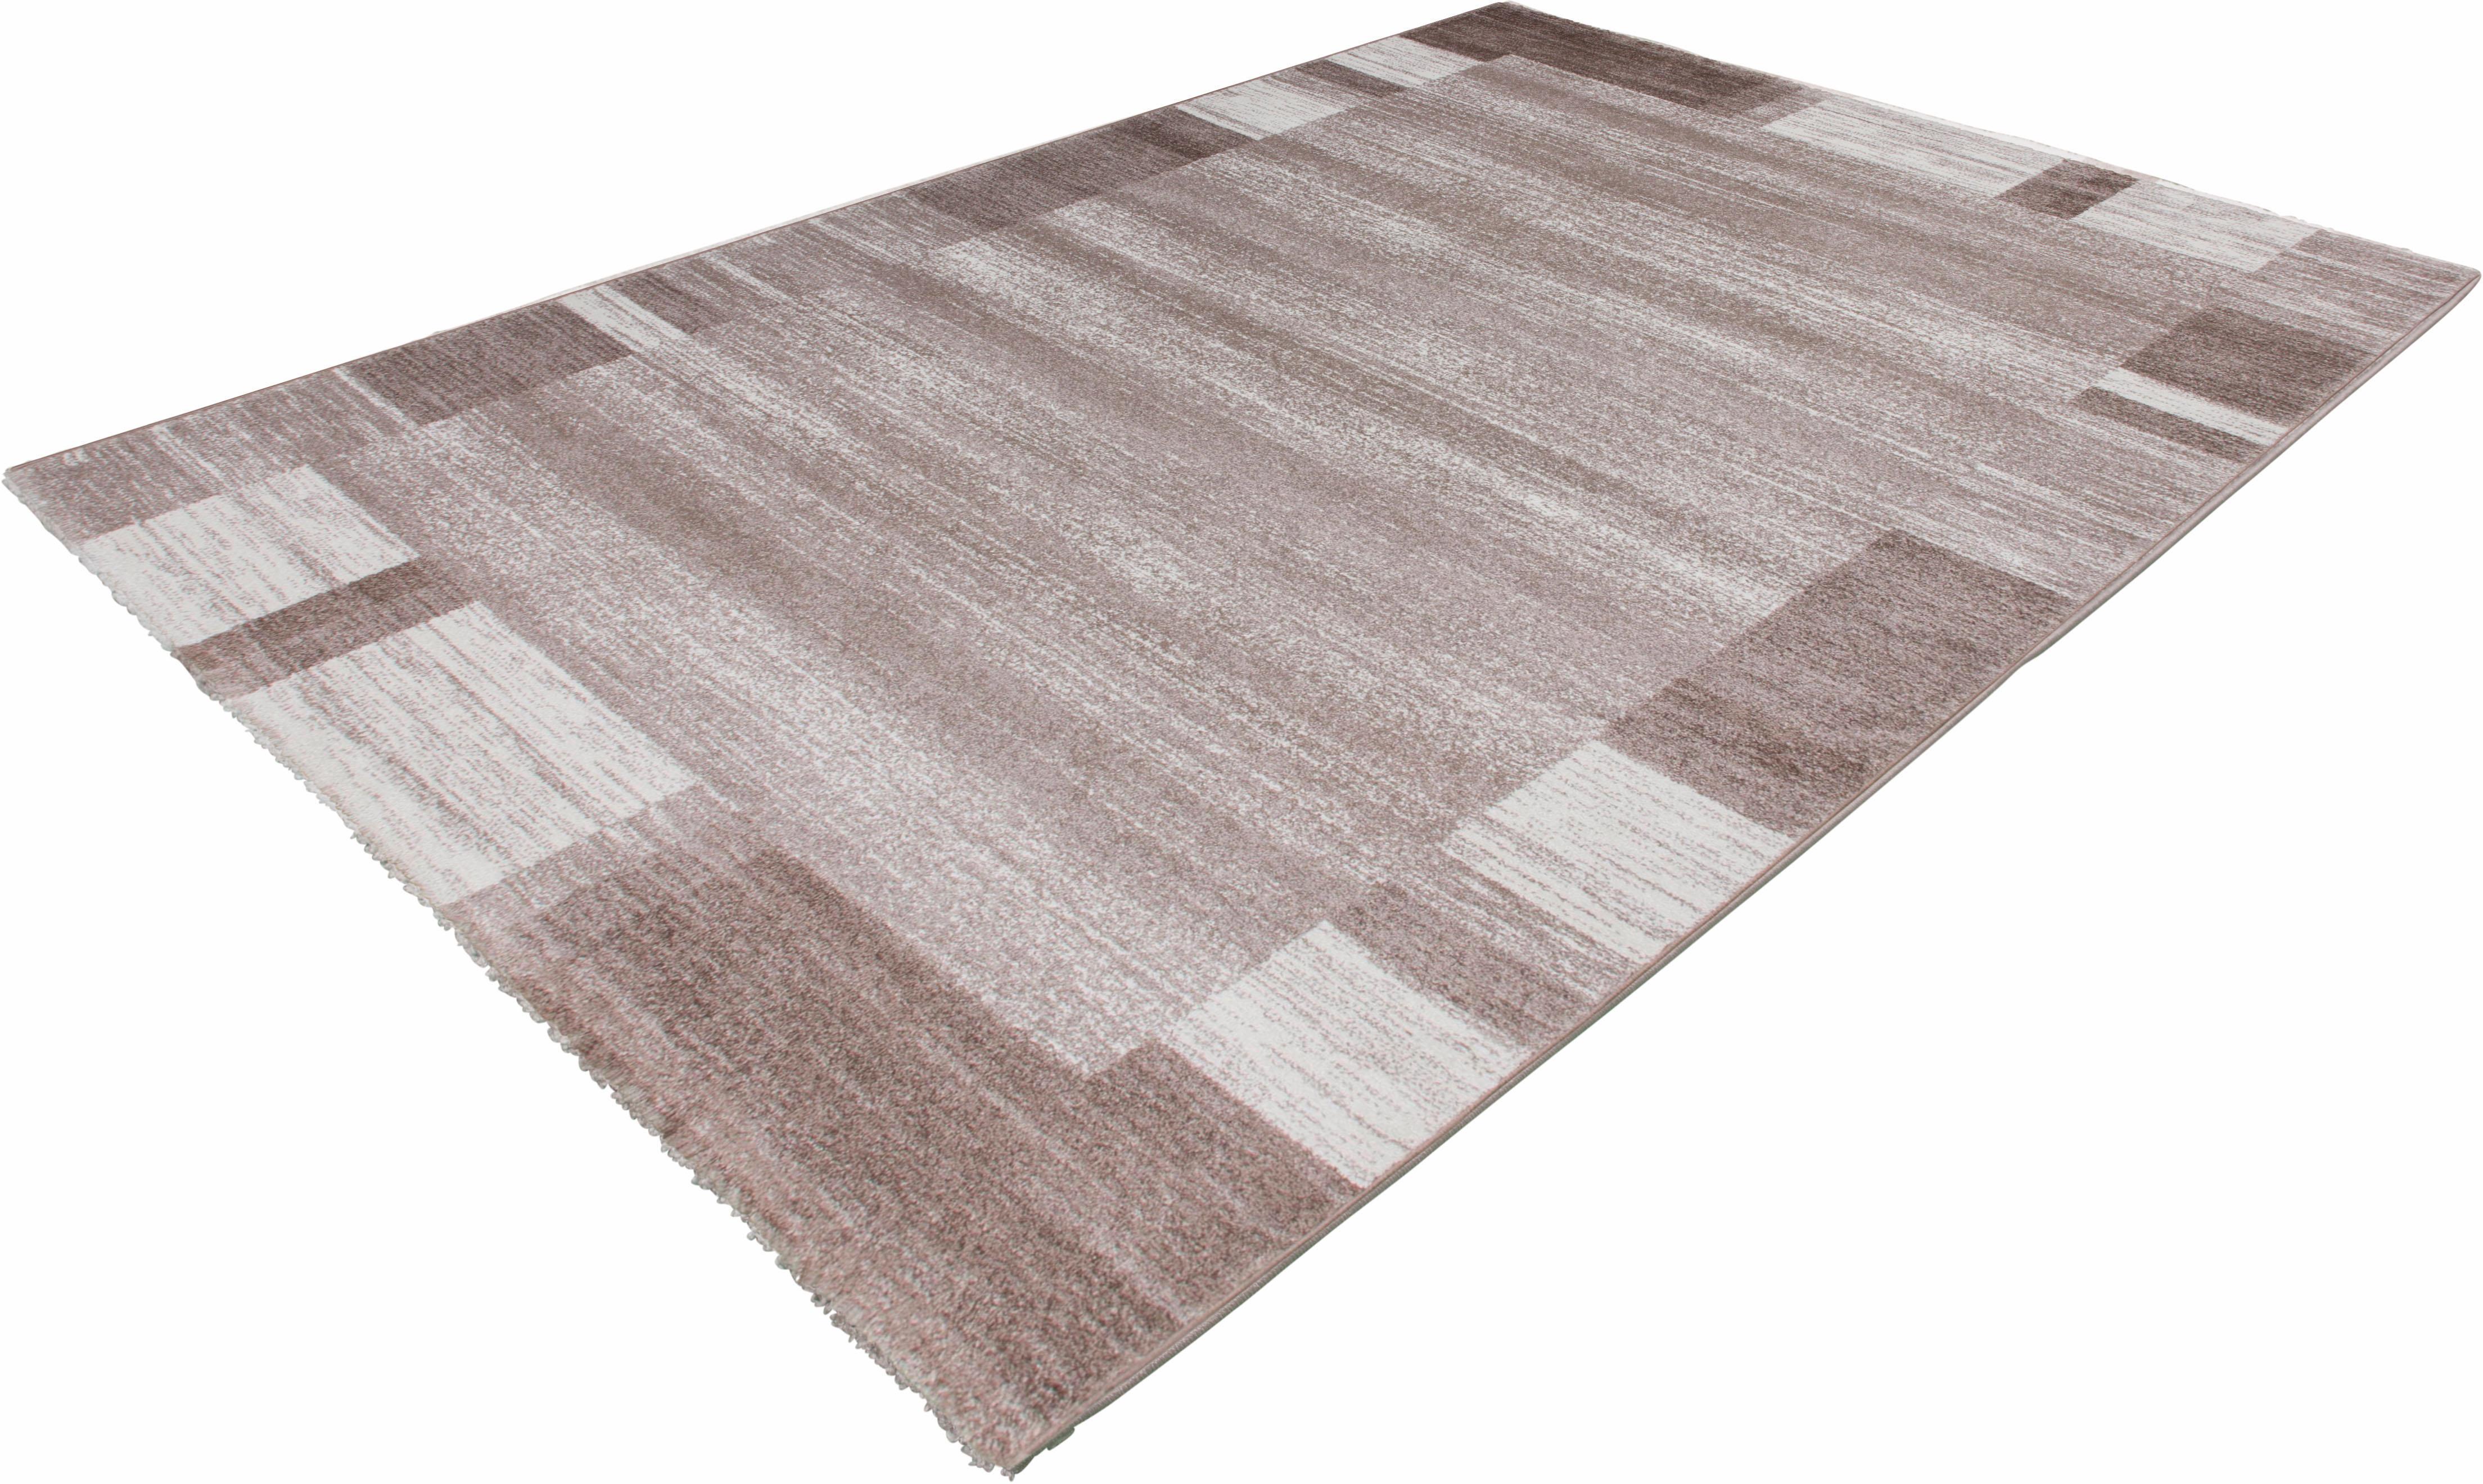 Teppich Feeling 500 LALEE rechteckig Höhe 15 mm maschinell gewebt